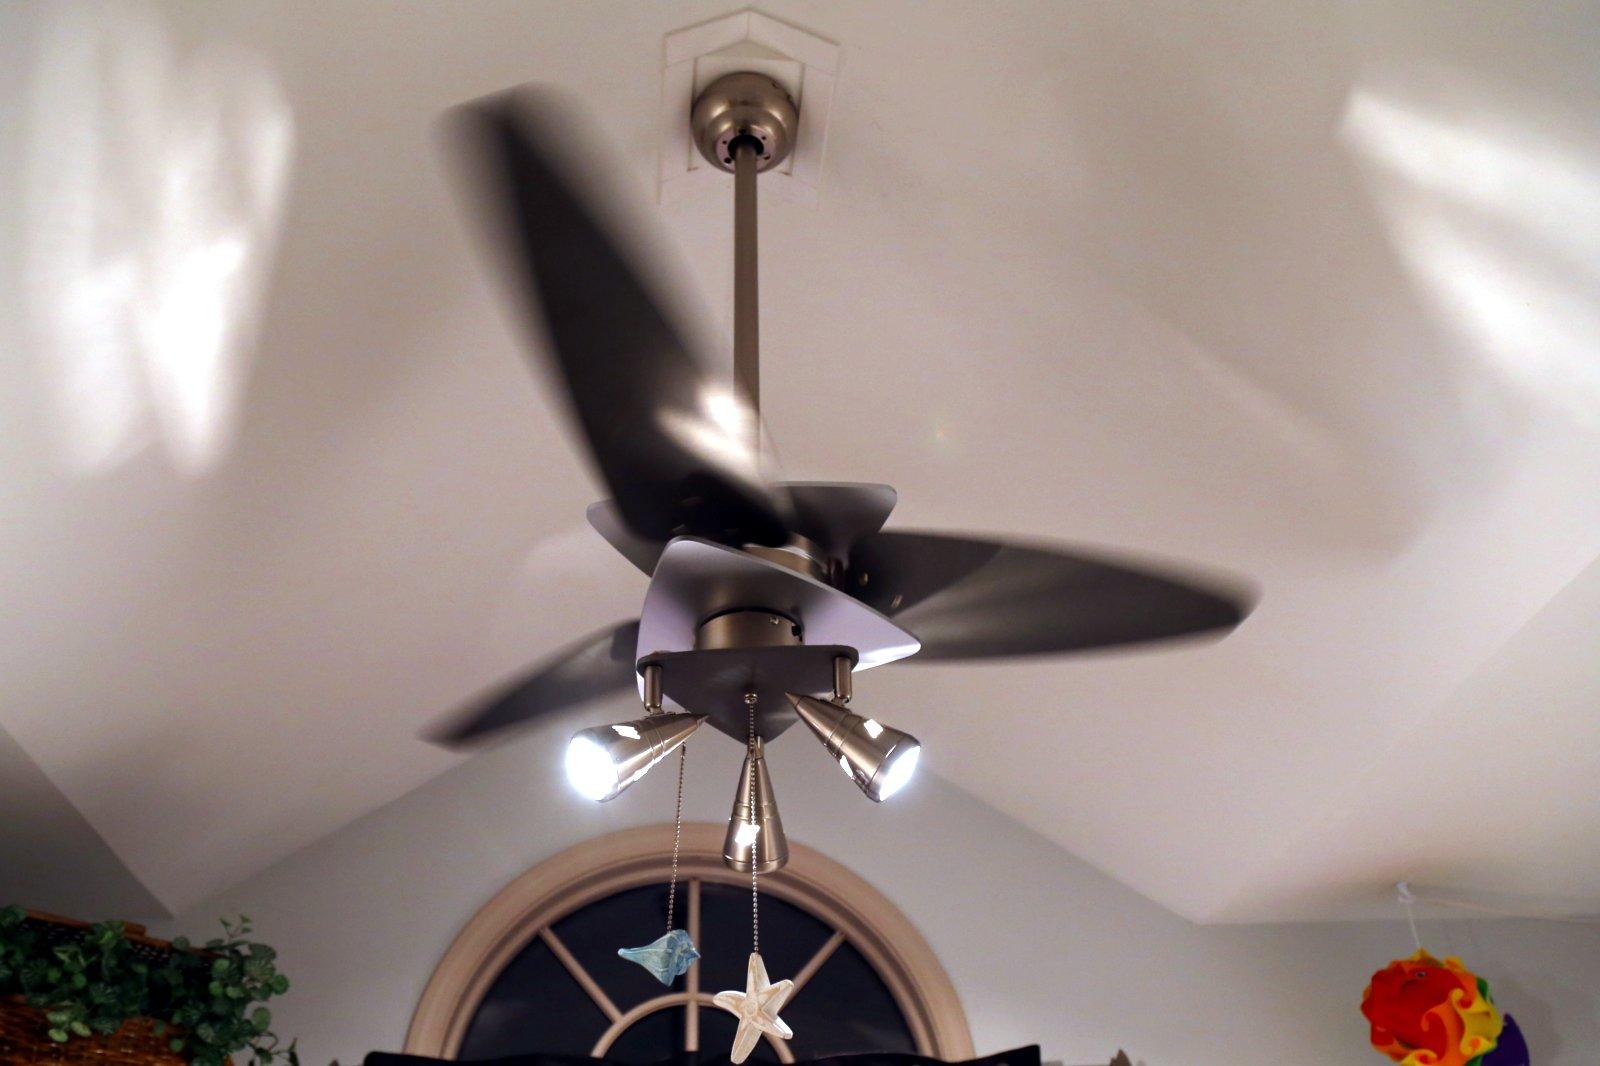 Ceiling Fan installer in Crofton